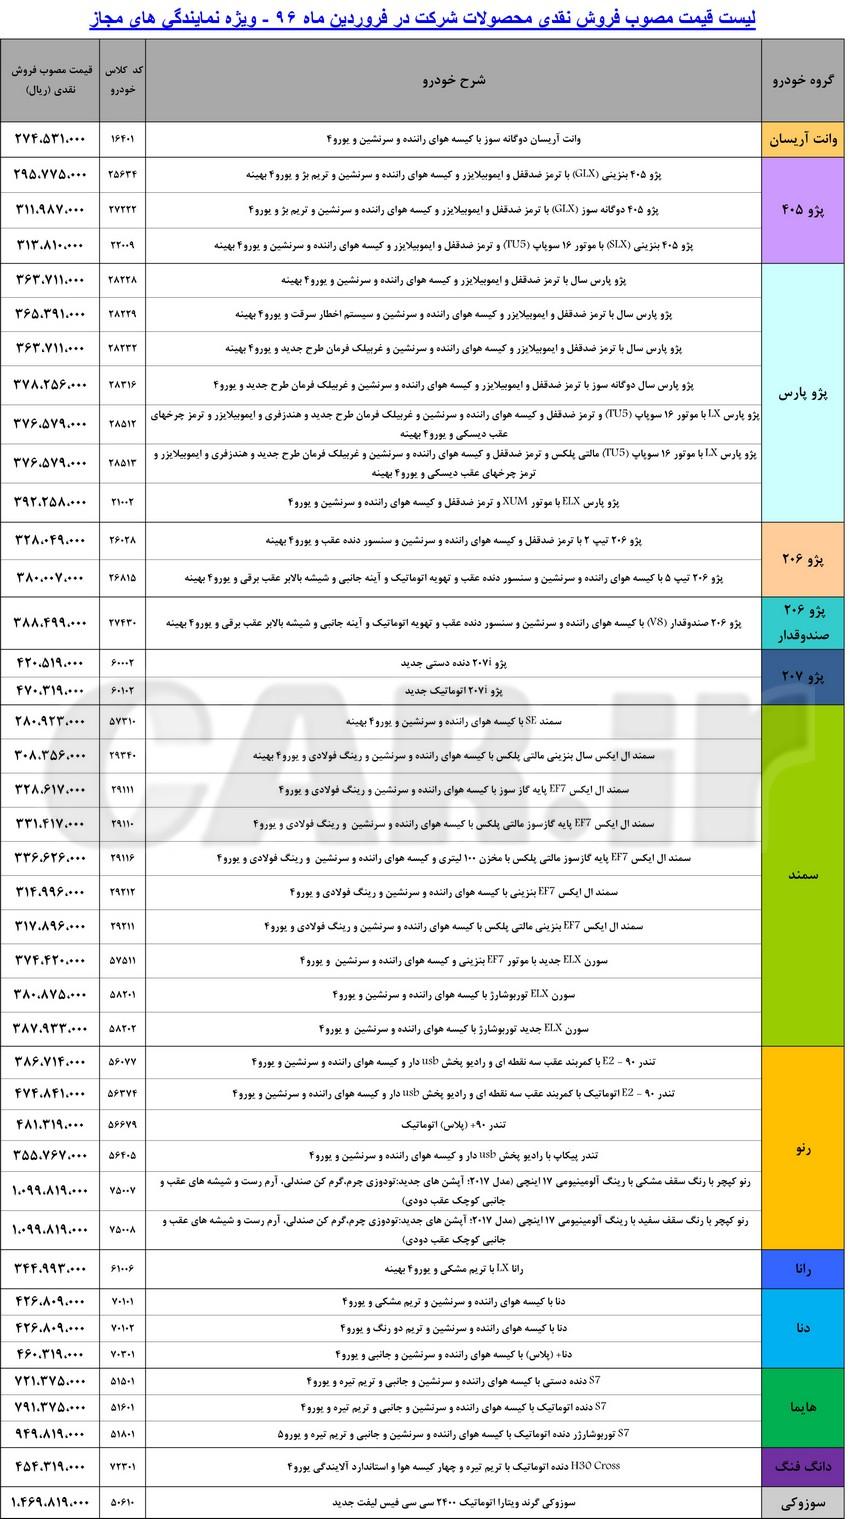 لیست قیمت محصولات ایران خودرو در فروردین ماه 96